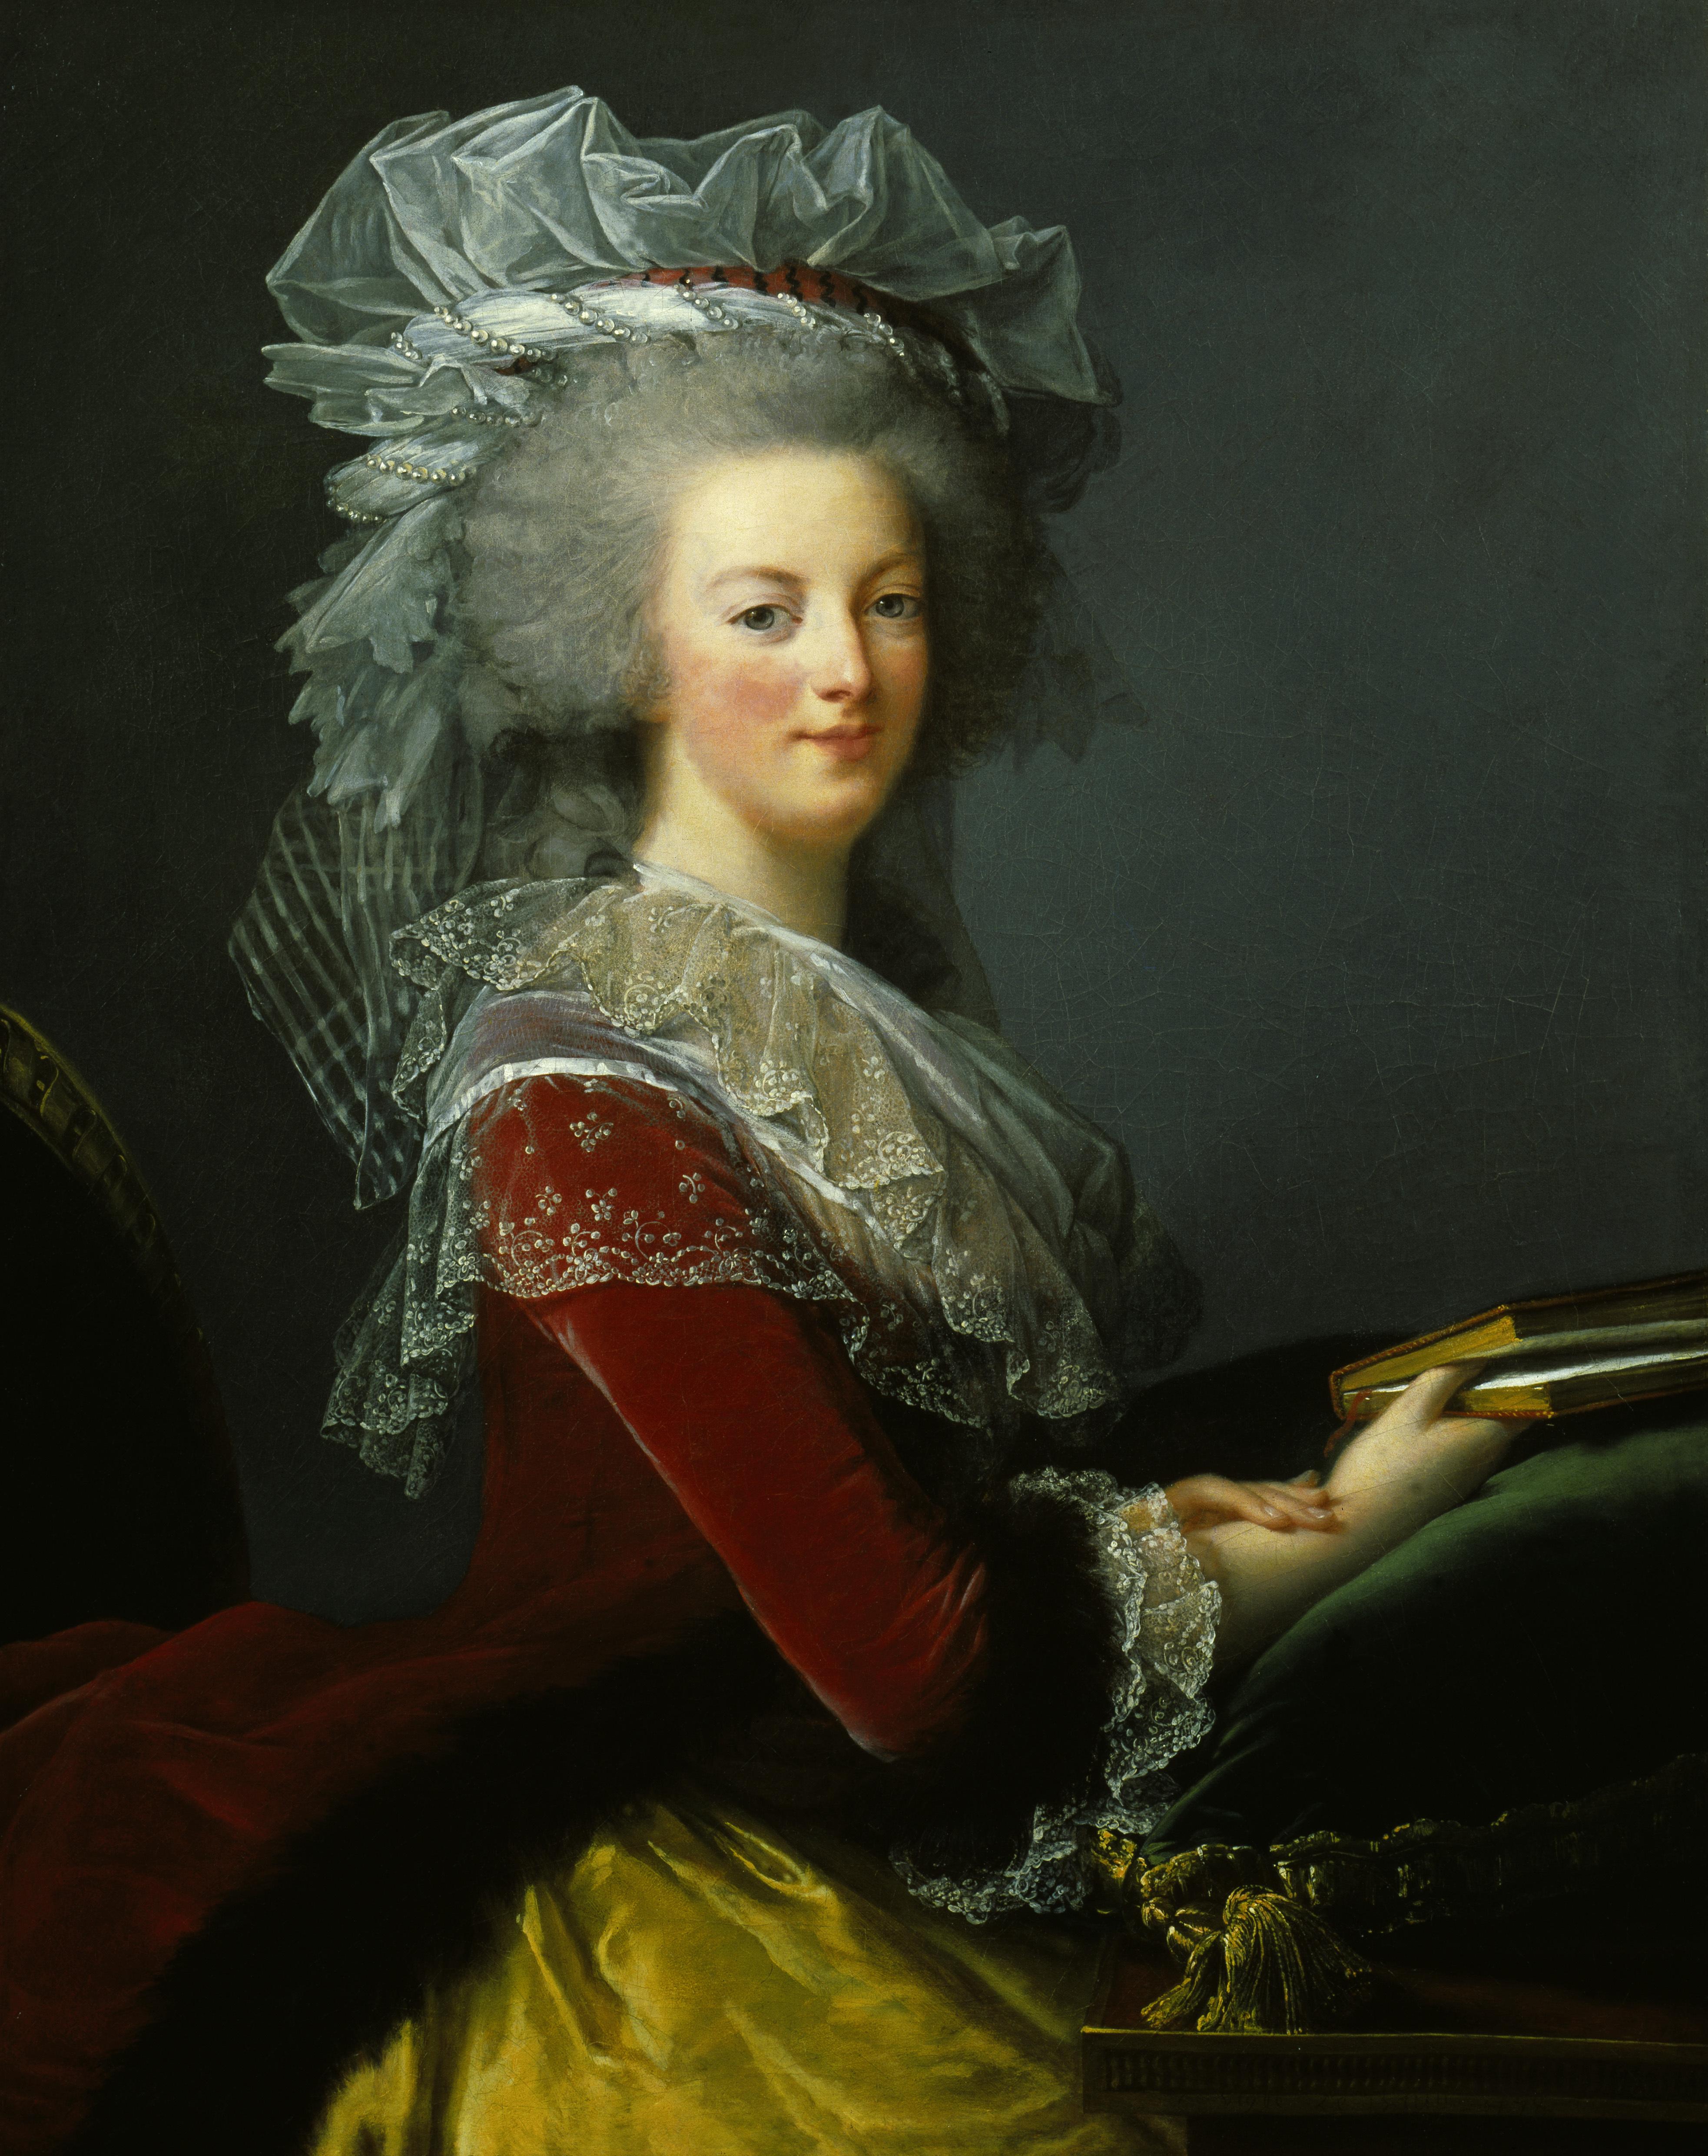 Marie-Antoinette von Frankreich